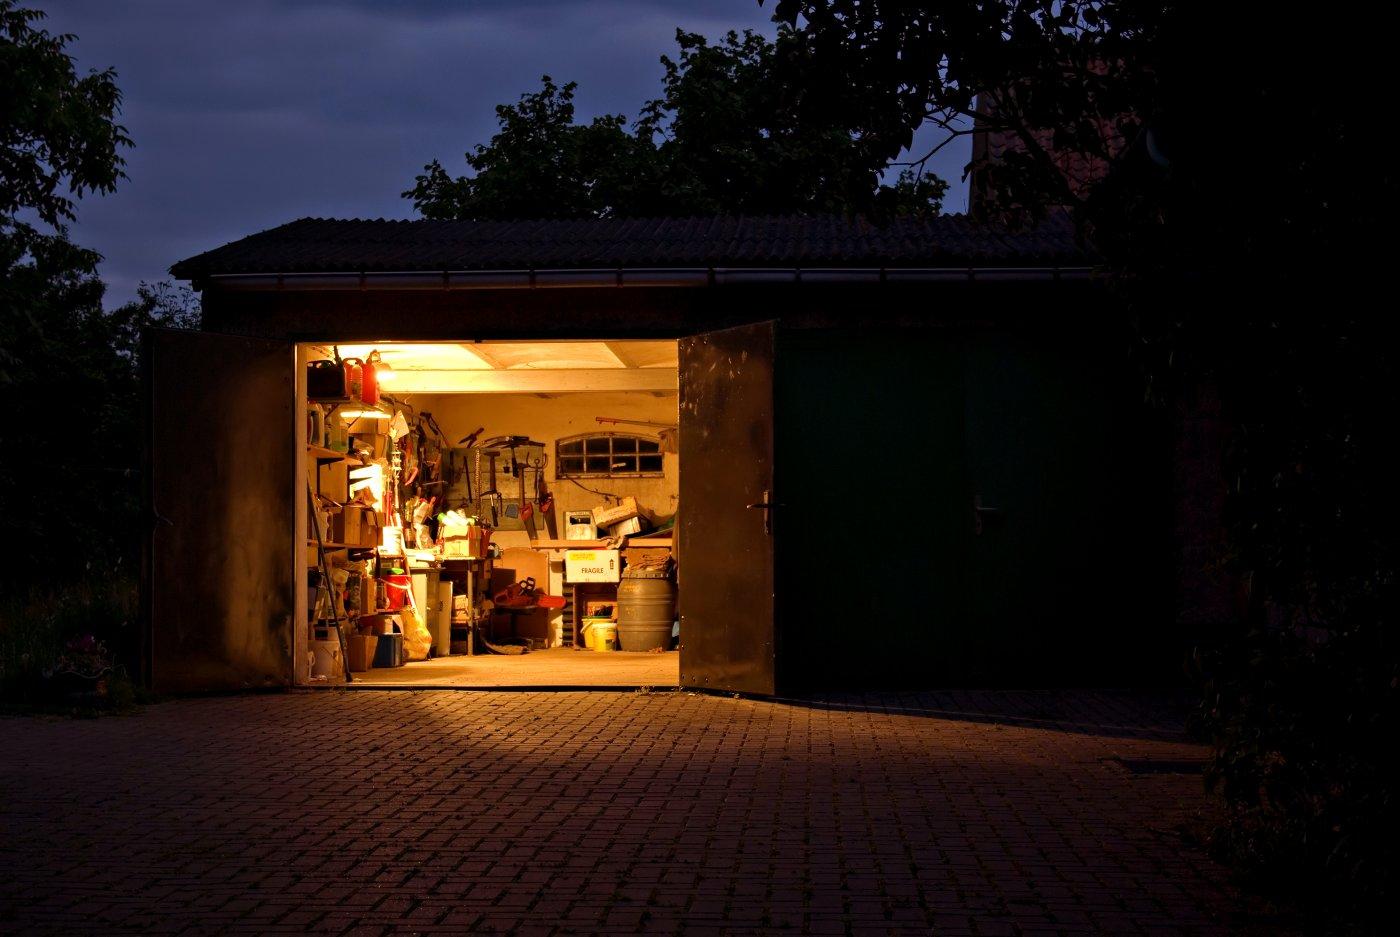 Det er mørkt ute, men garasjen har porten åpen. Rommet er full av rot og bokser, men godt opplyst av lys i taket inne i garasjen.